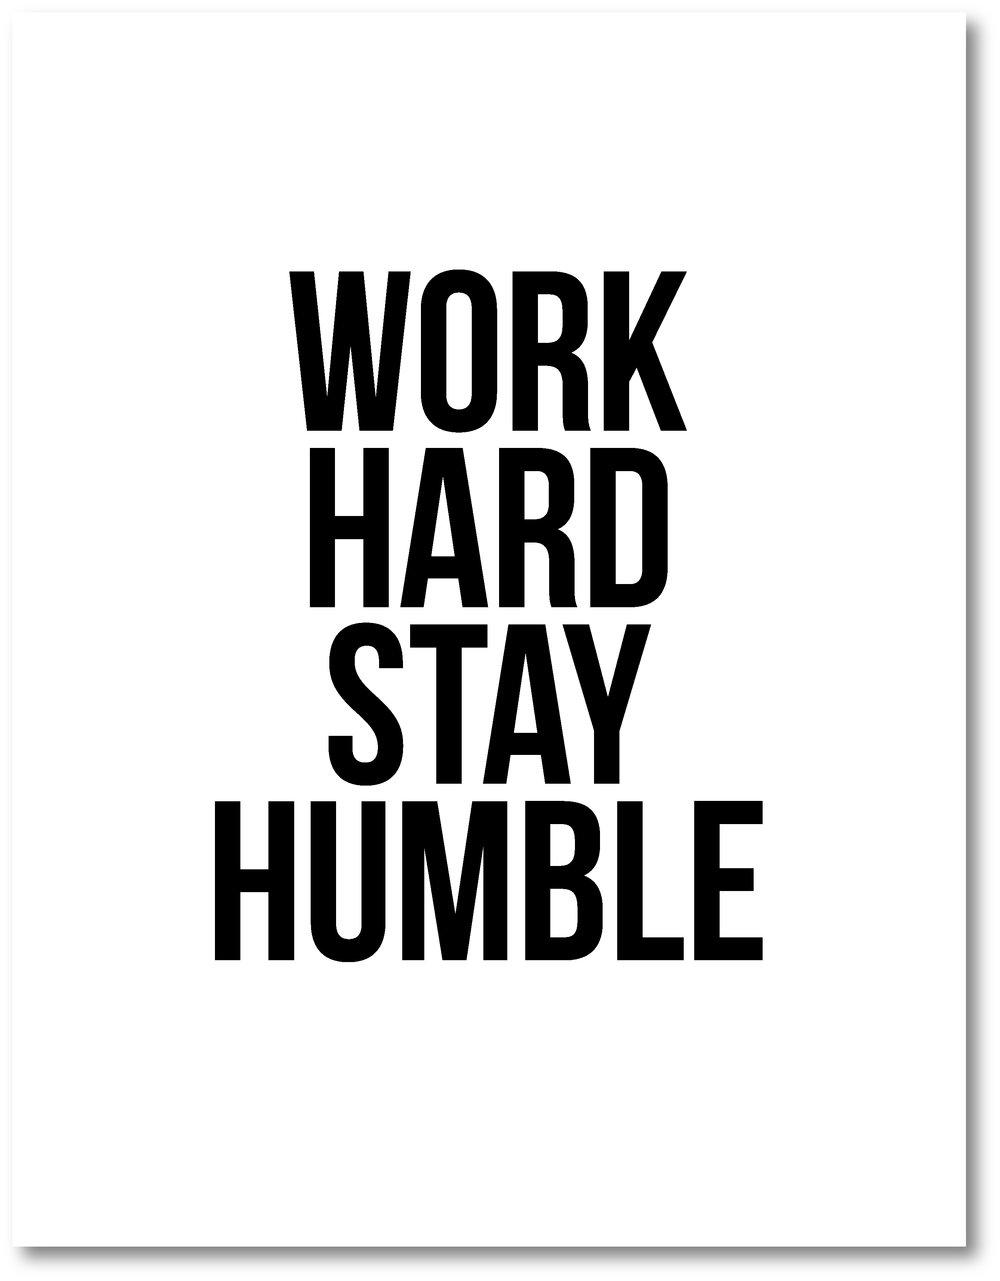 work hard stay humble.jpg